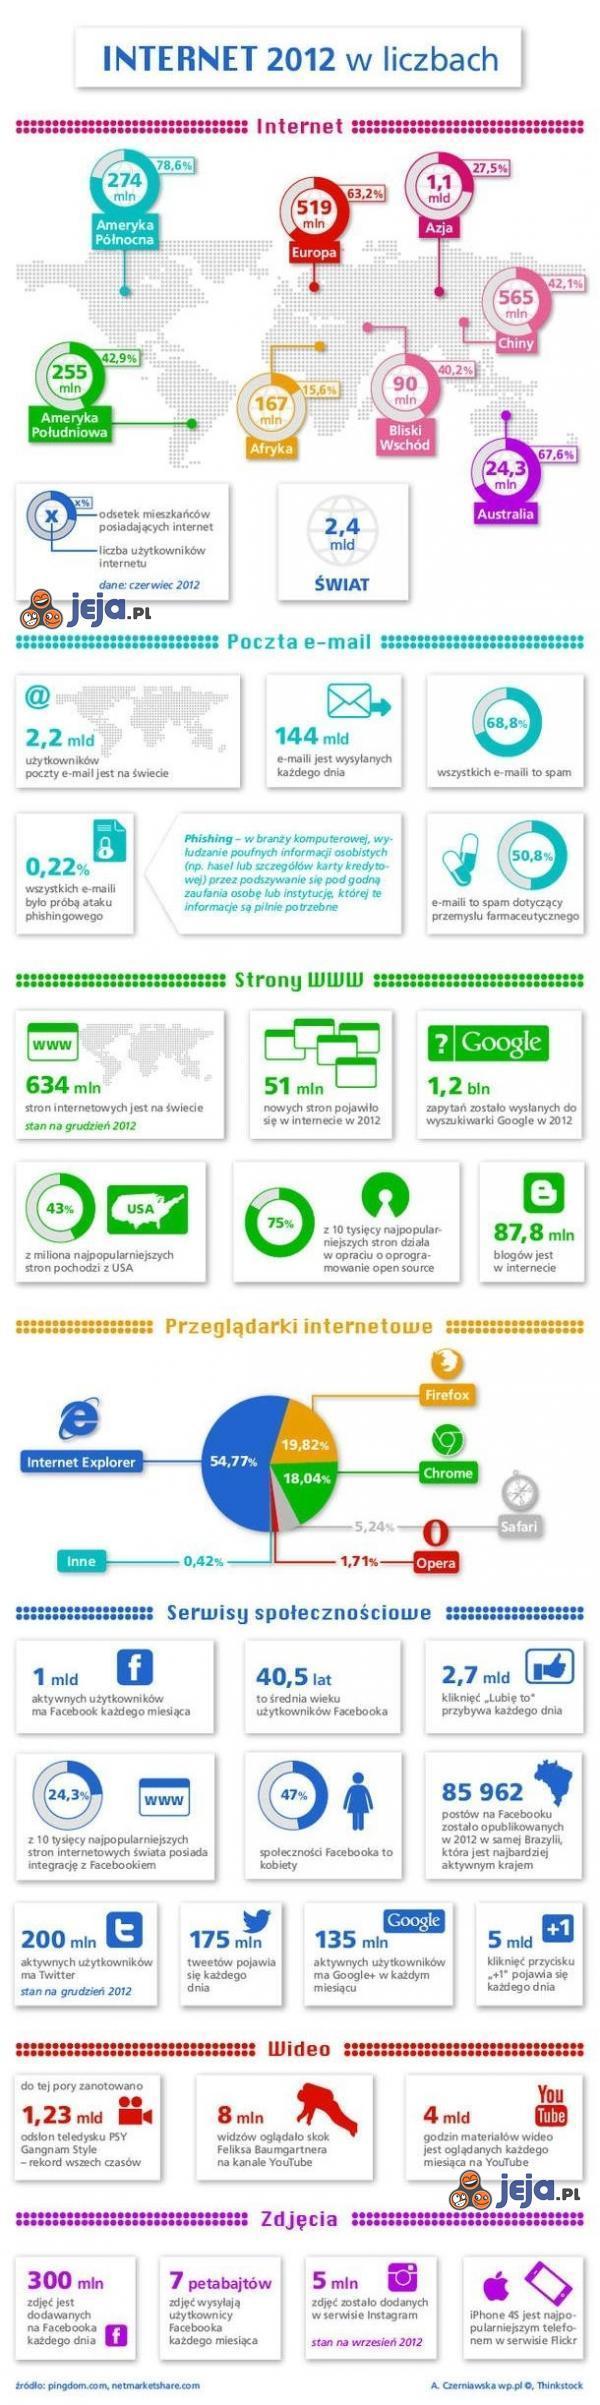 Internet w liczbach